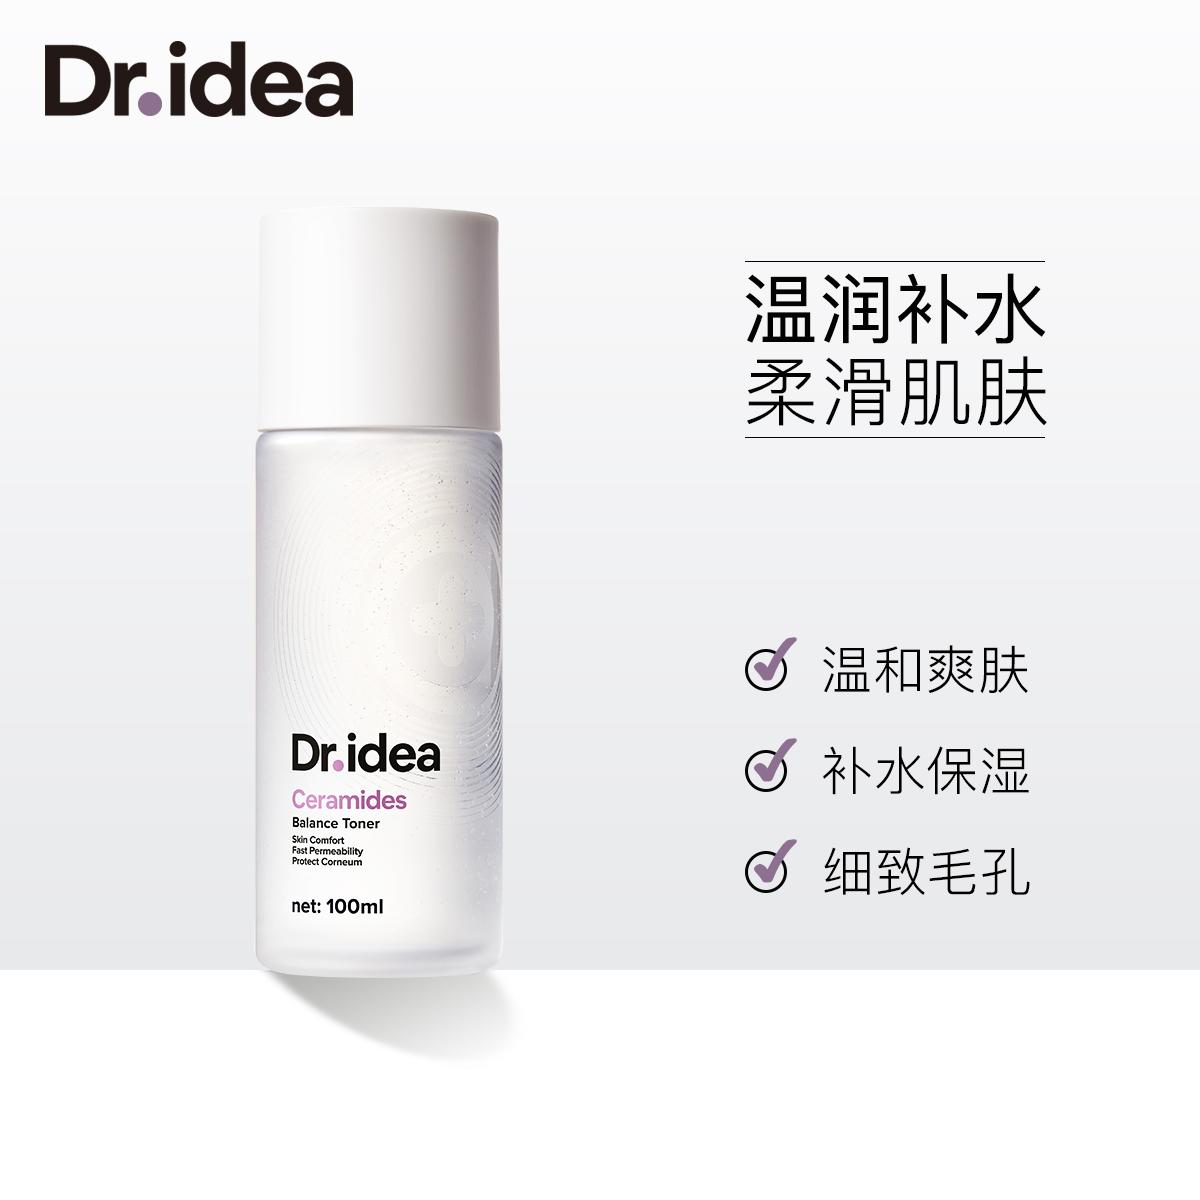 朵艾Dr.idea神经酰胺平衡水补水保湿修护屏障修护爽肤水男女护肤